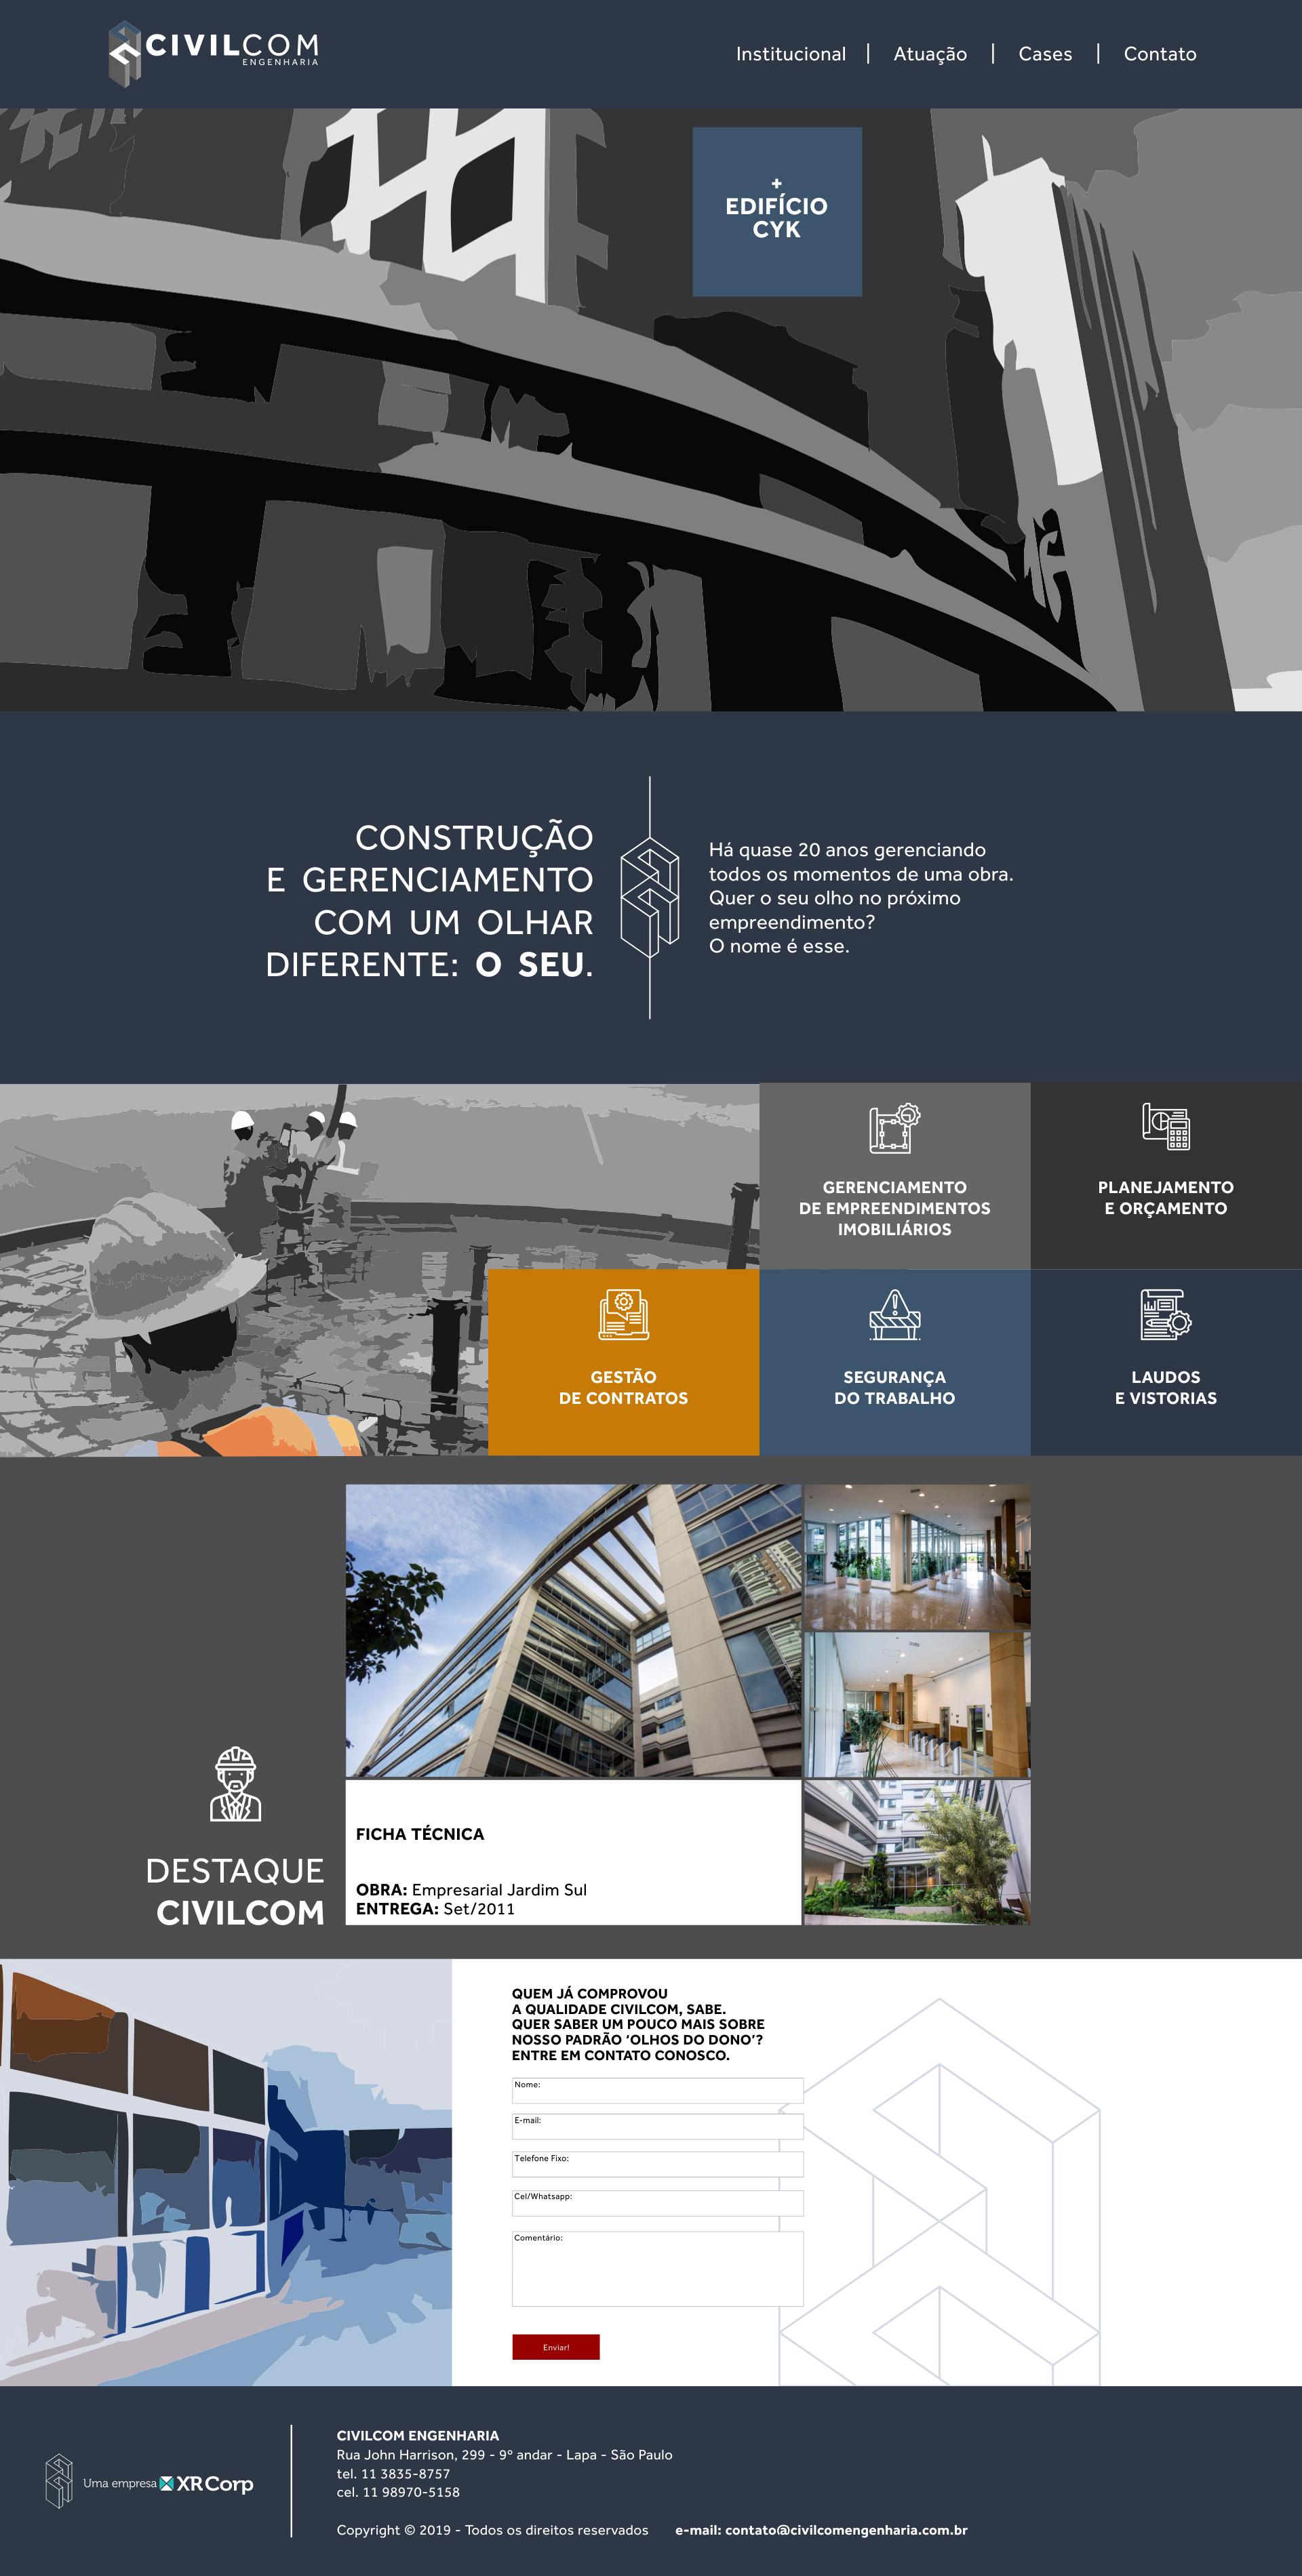 +Website - Civilcom